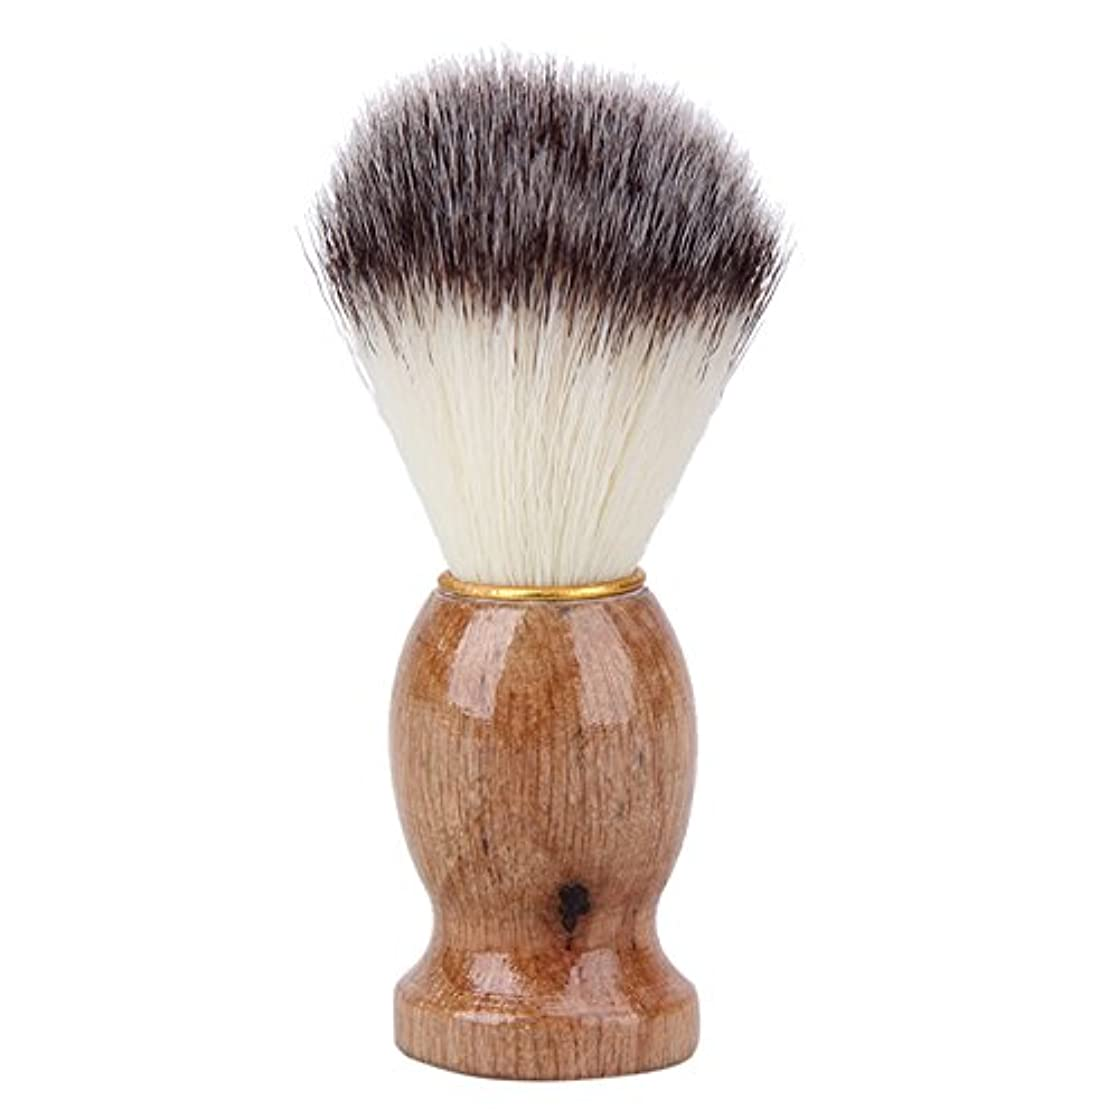 料理をする植物学者哀れなwangten メンズ用 髭剃り ブラシ シェービング ブラシ アナグマ毛 木製ハンドル 泡立ち 理容 洗顔 髭剃り